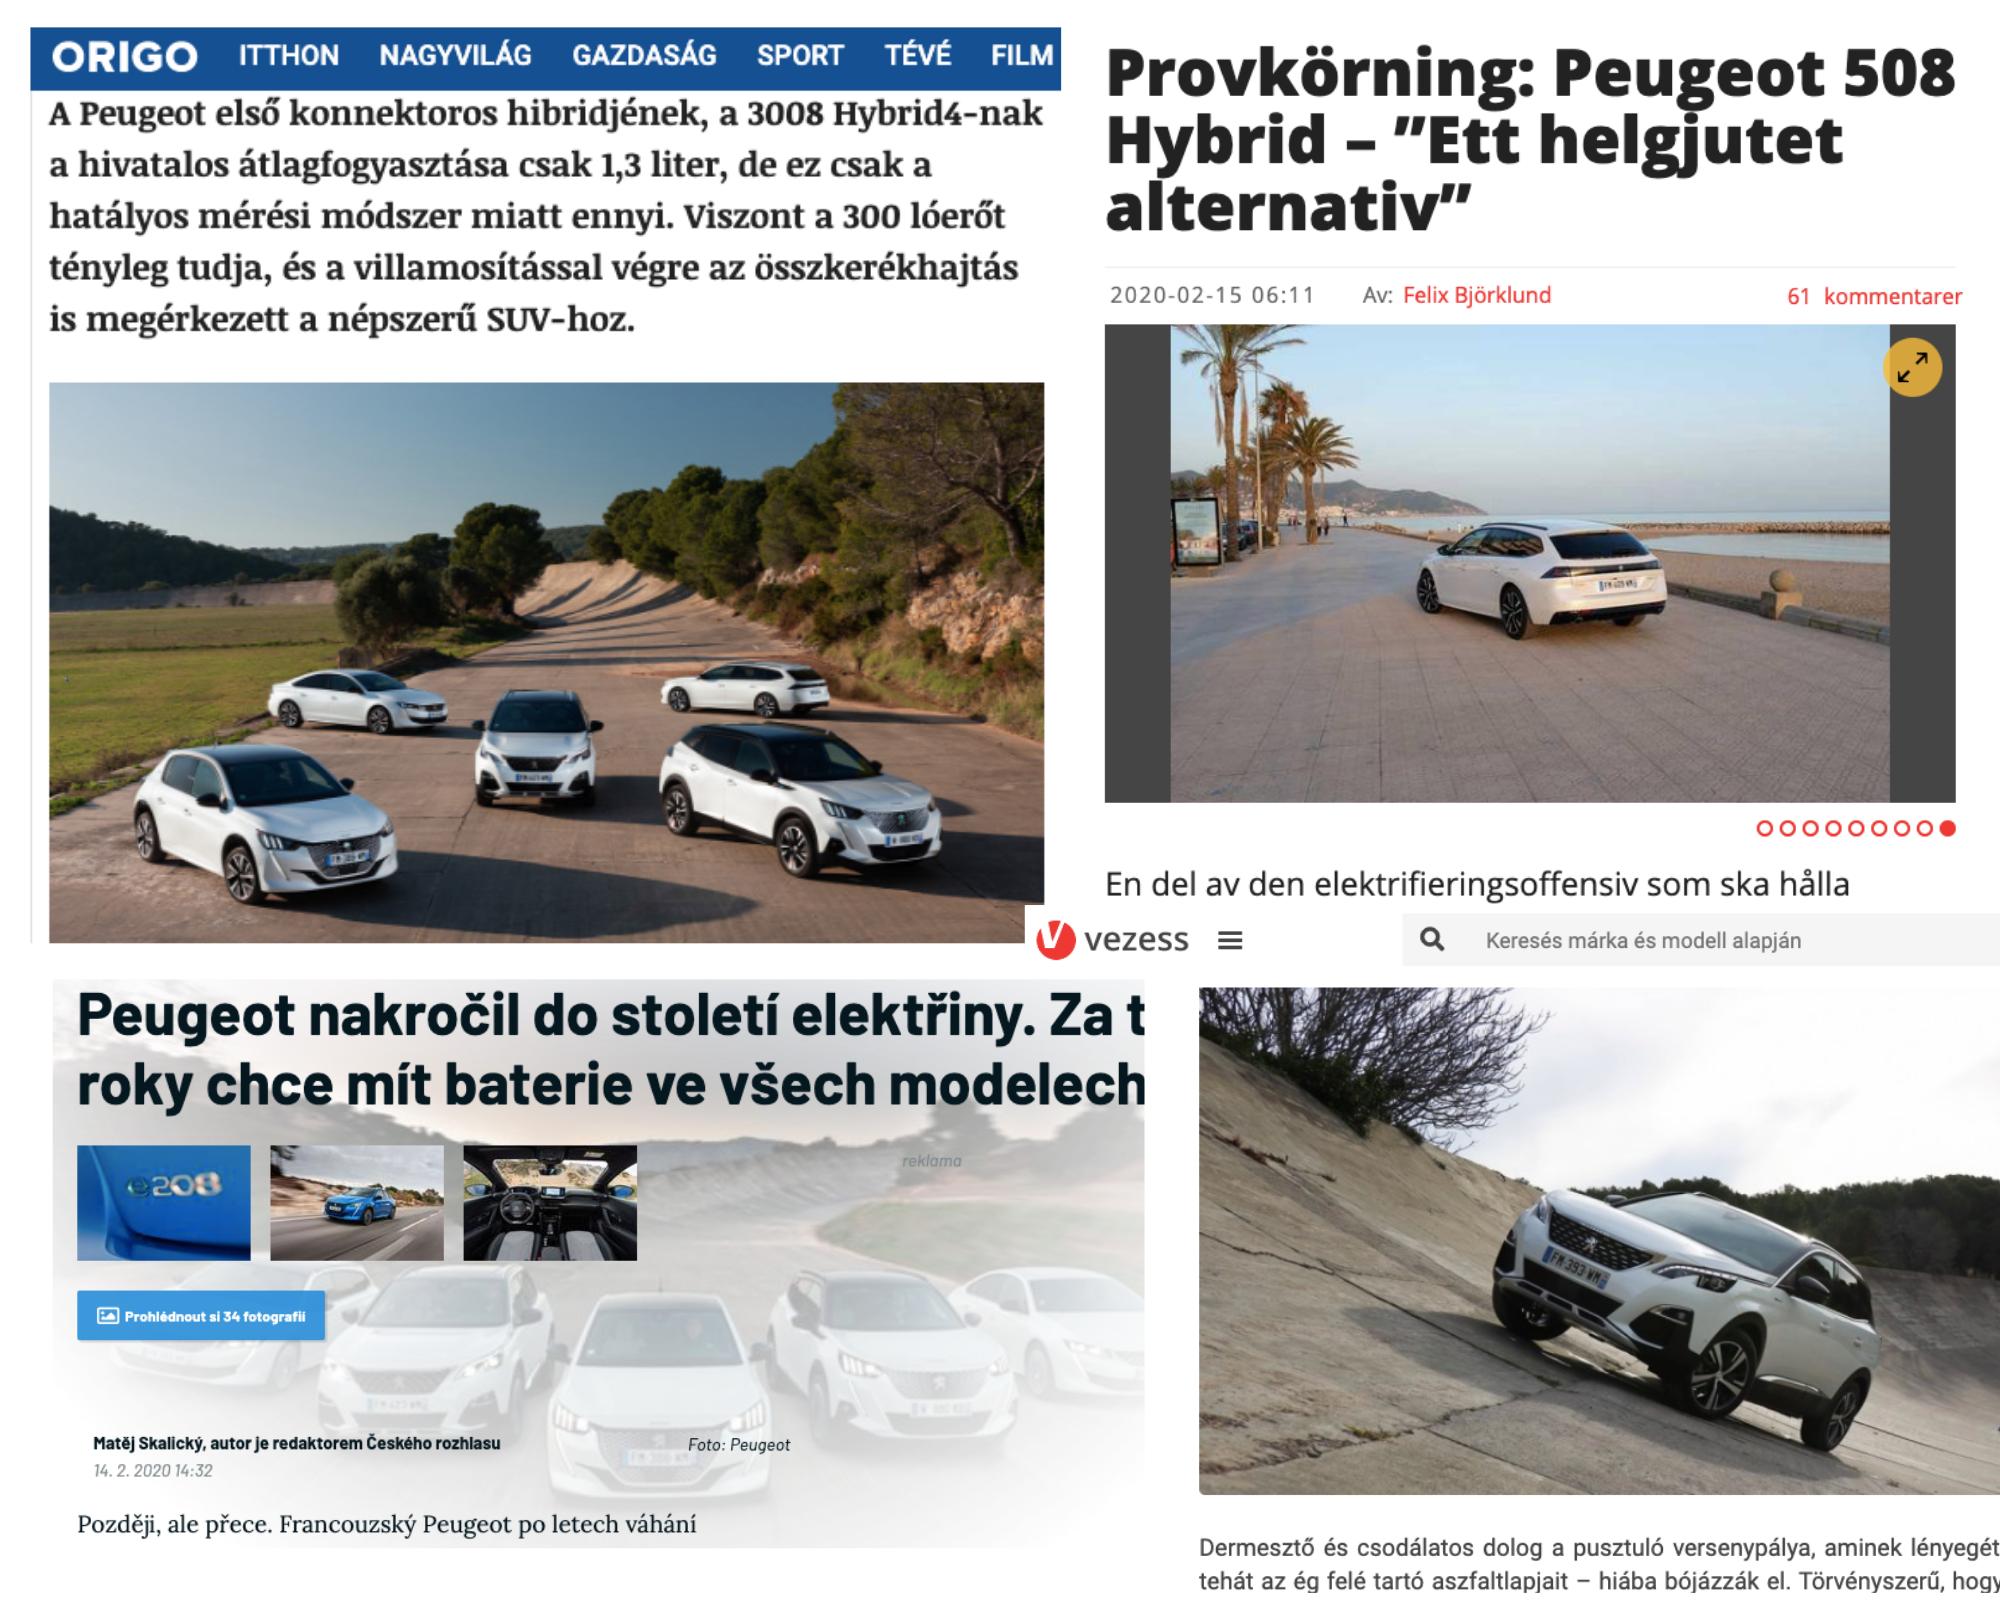 La prensa internacional conoce la gama híbrida de Peugeot desde el Autòdrom 7